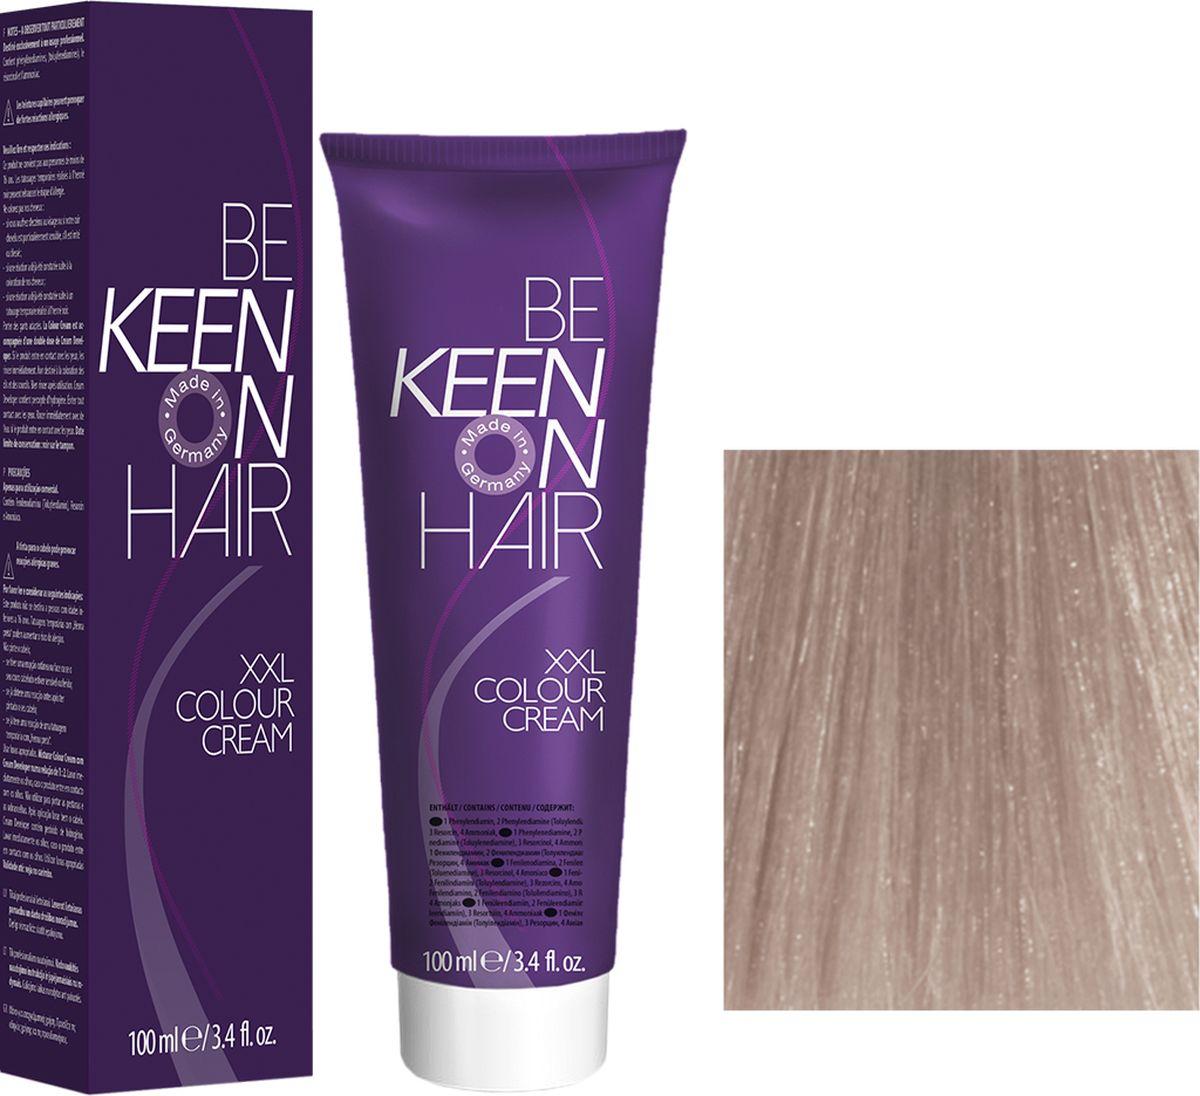 Keen Краска для волос 12.61 Платиновый фиолетово-пепельный блондин Platinblond Violett-Asch, 100 мл69100107Модные оттенкиБолее 100 оттенков для креативной комбинации цветов.ЭкономичностьПри использовании тюбика 100 мл вы получаете оптимальное соотношение цены и качества!УходМолочный белок поддерживает структуру волоса во время окрашивания и придает волосам блеск и шелковистость. Протеины хорошо встраиваются в волосы и снабжают их влагой.